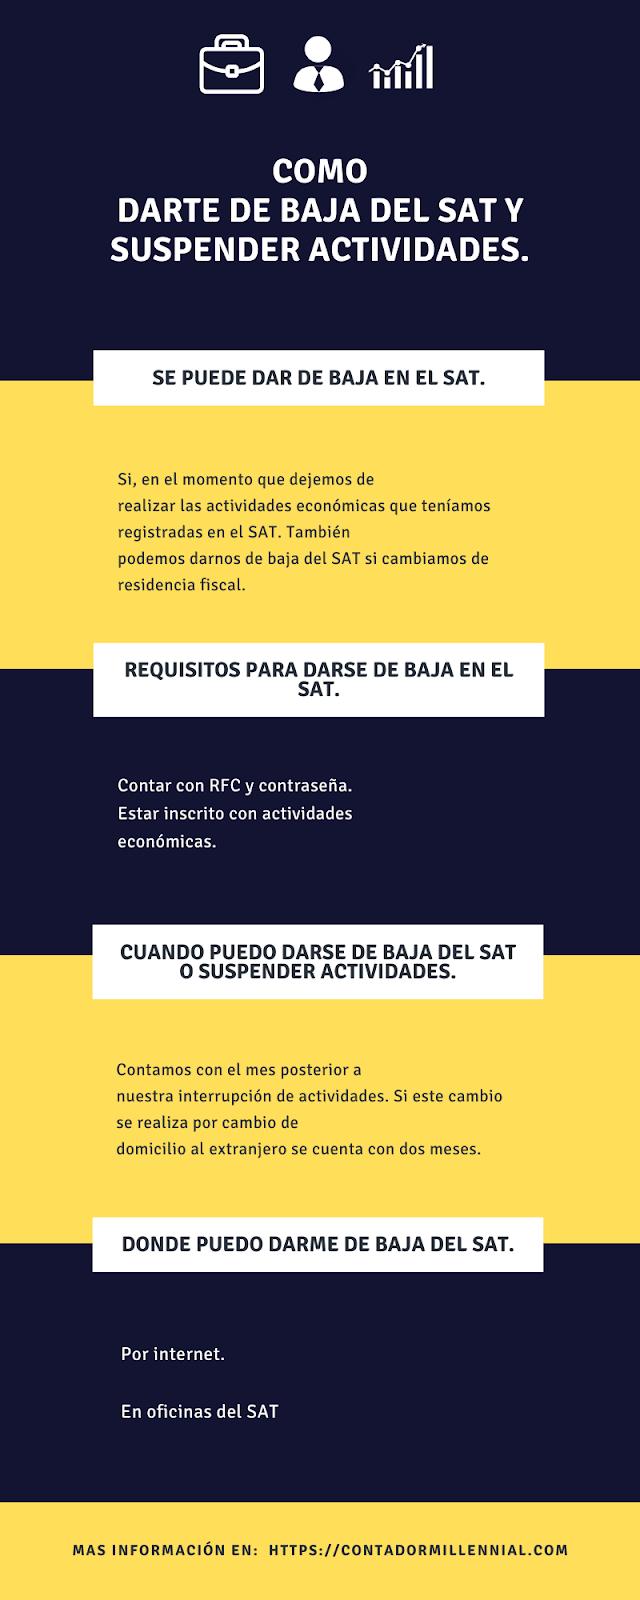 Infografia sobre como darse de baja del SAT